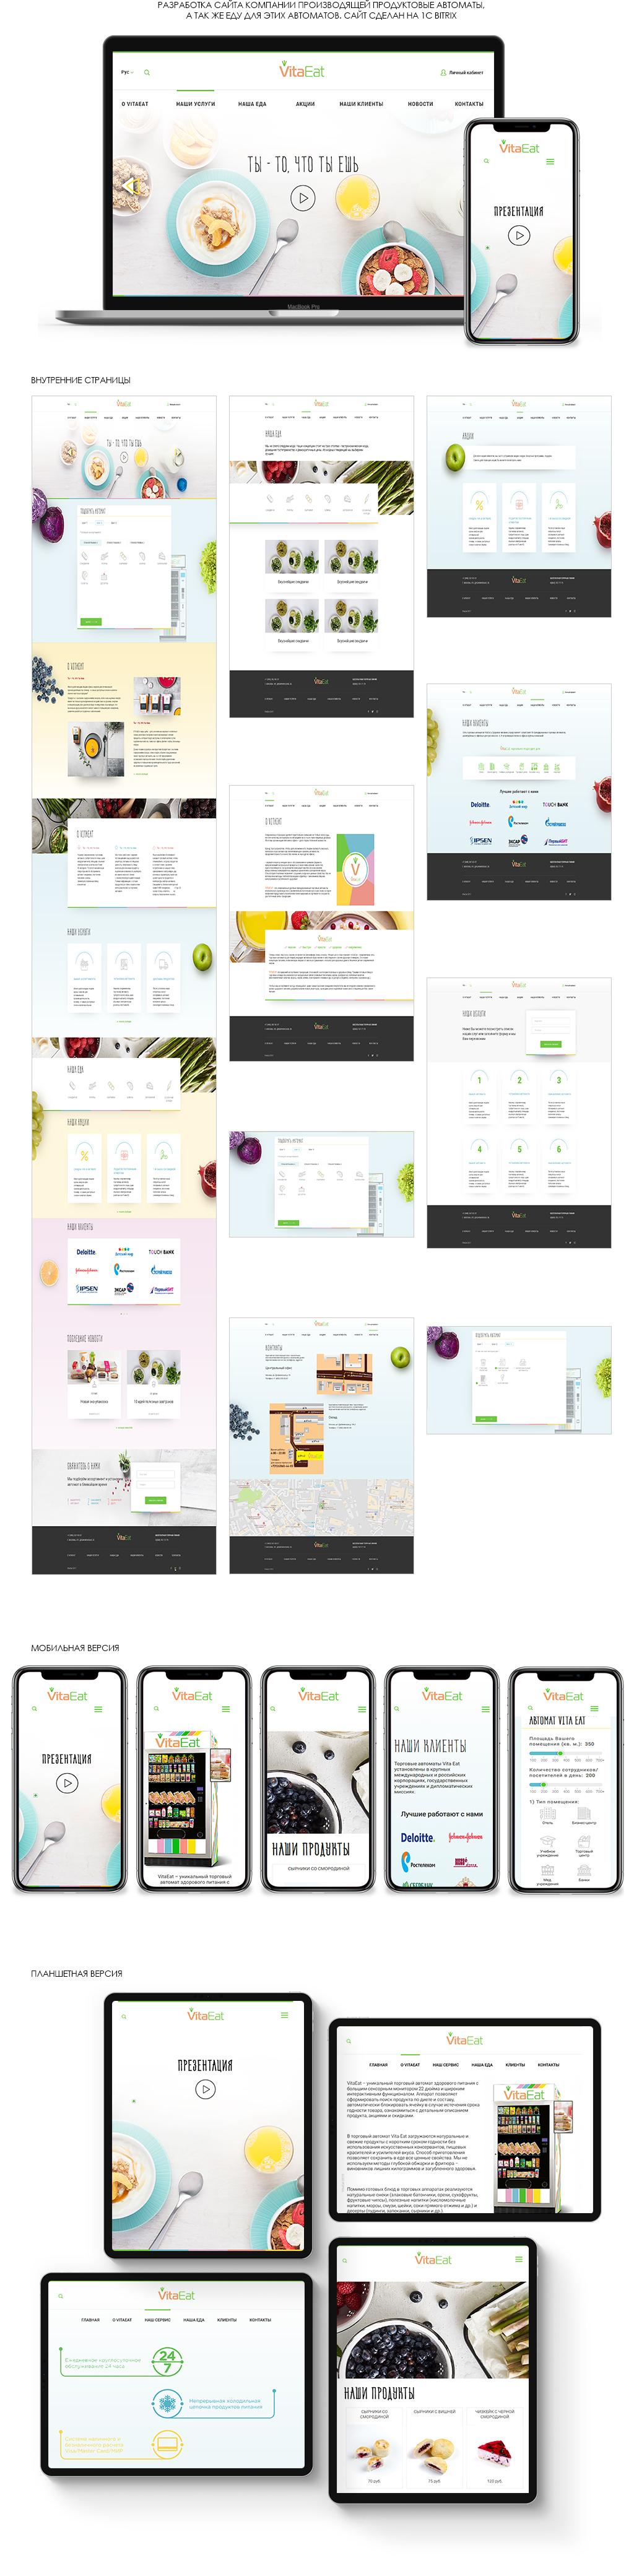 Сайт для производителя продуктовых автоматов - VitaEat